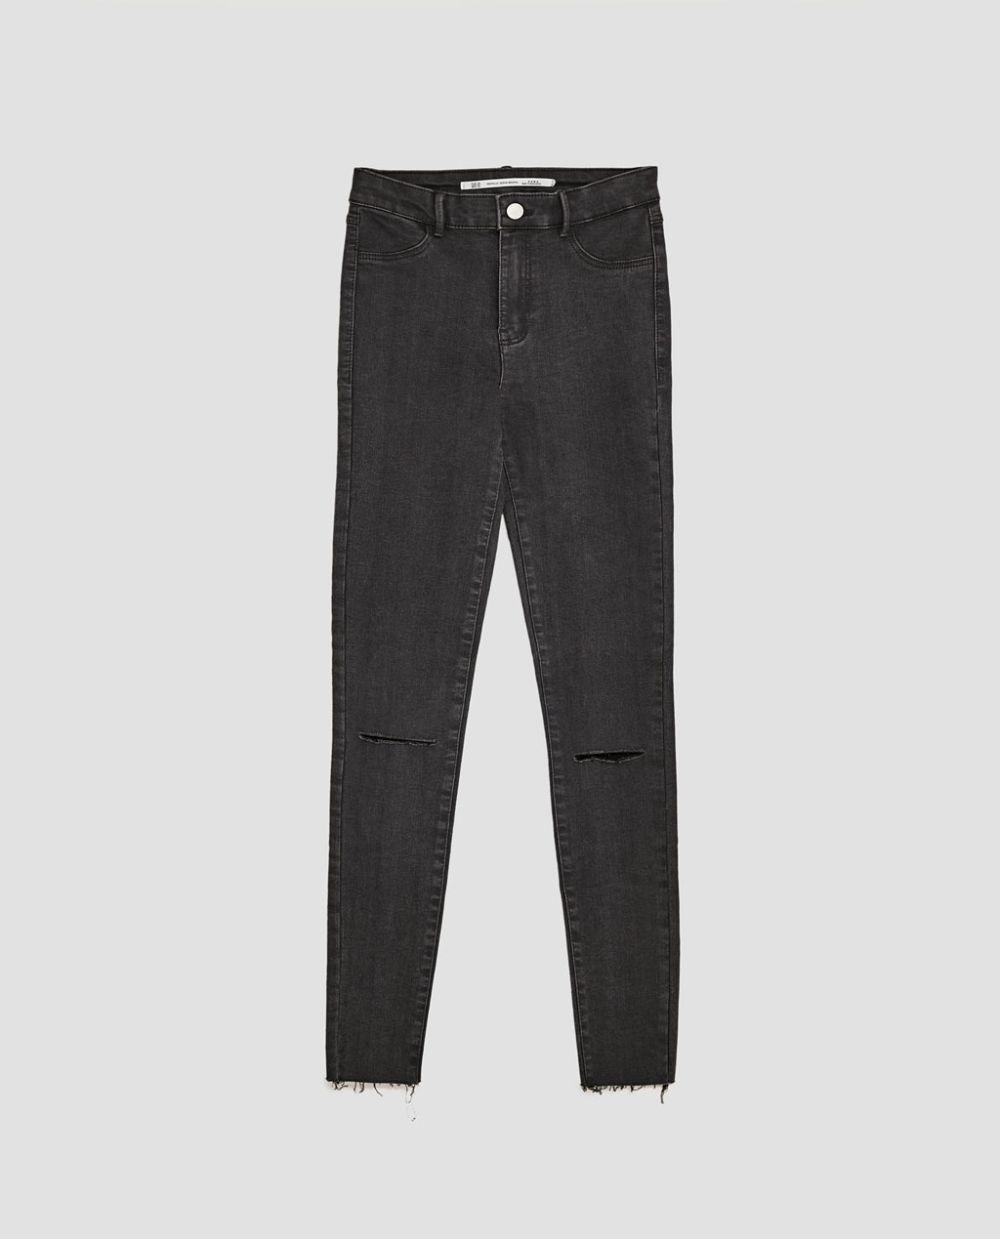 Vaquero gris roto en las rodillas de Zara (15,95 euros)